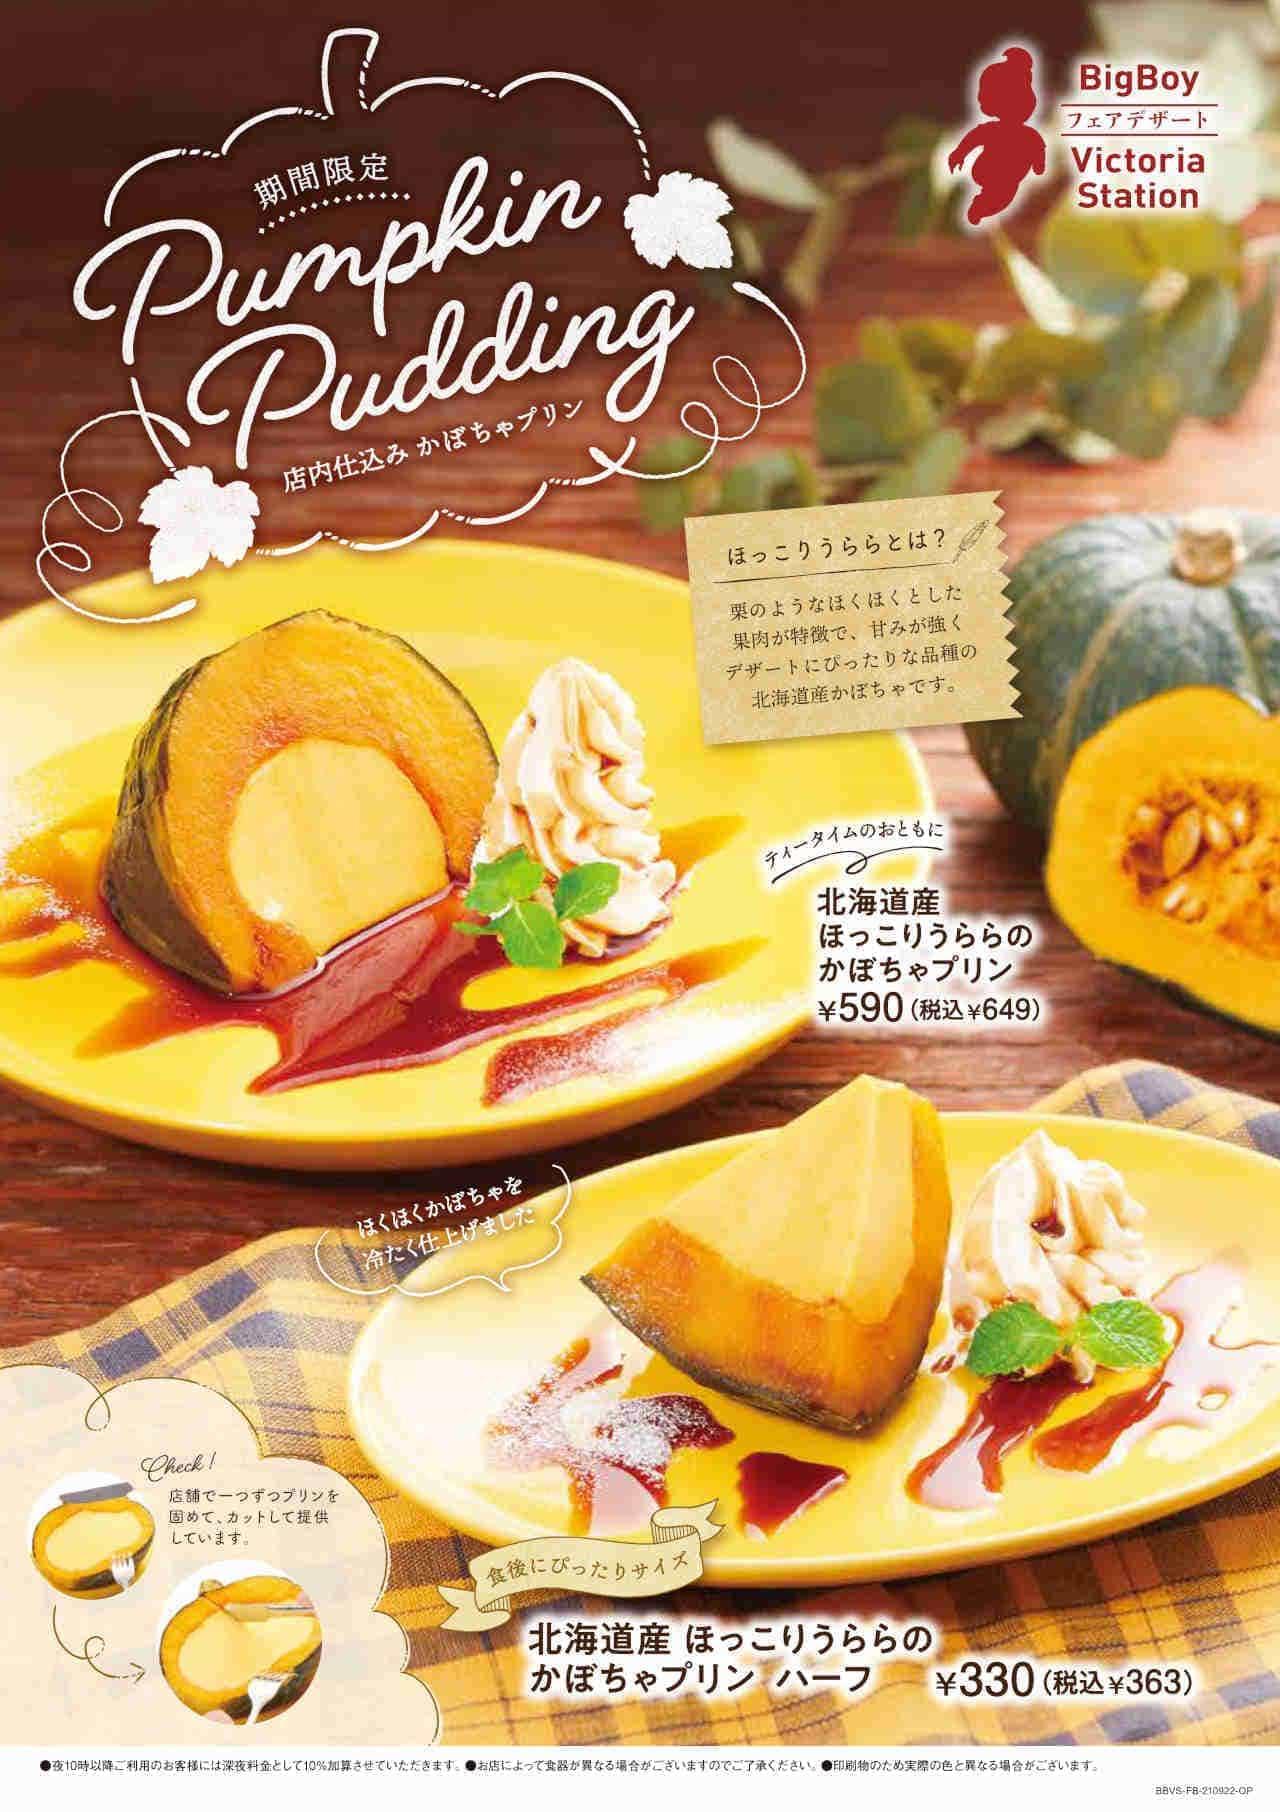 ビッグボーイ「北海道産ほっこりうららのかぼちゃプリン」